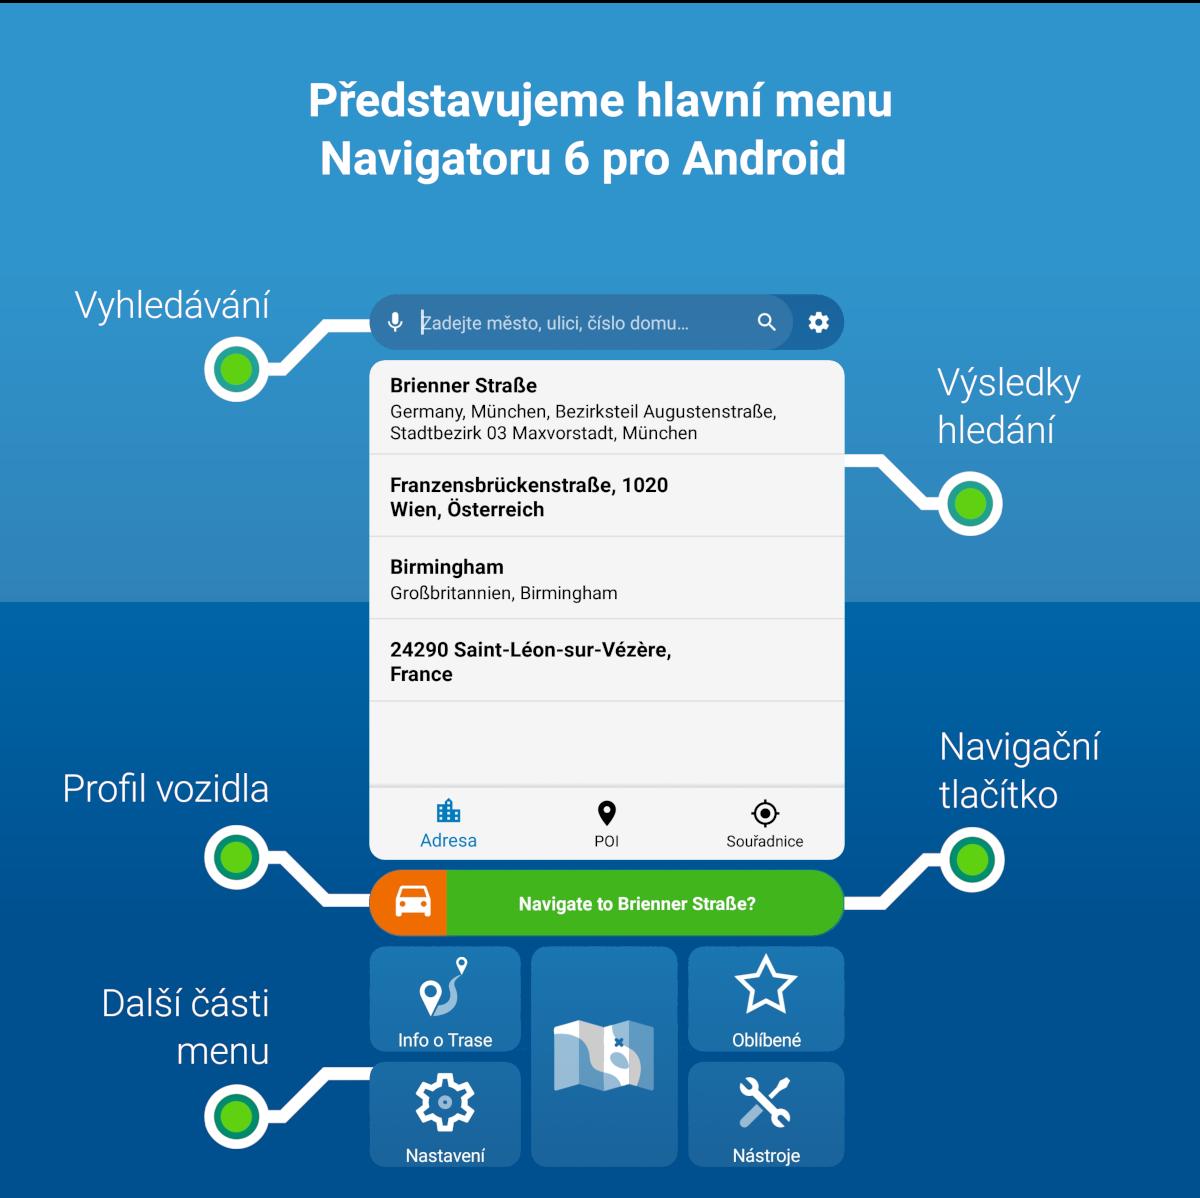 Představujeme hlavní menu Navigátoru 6 pro Android